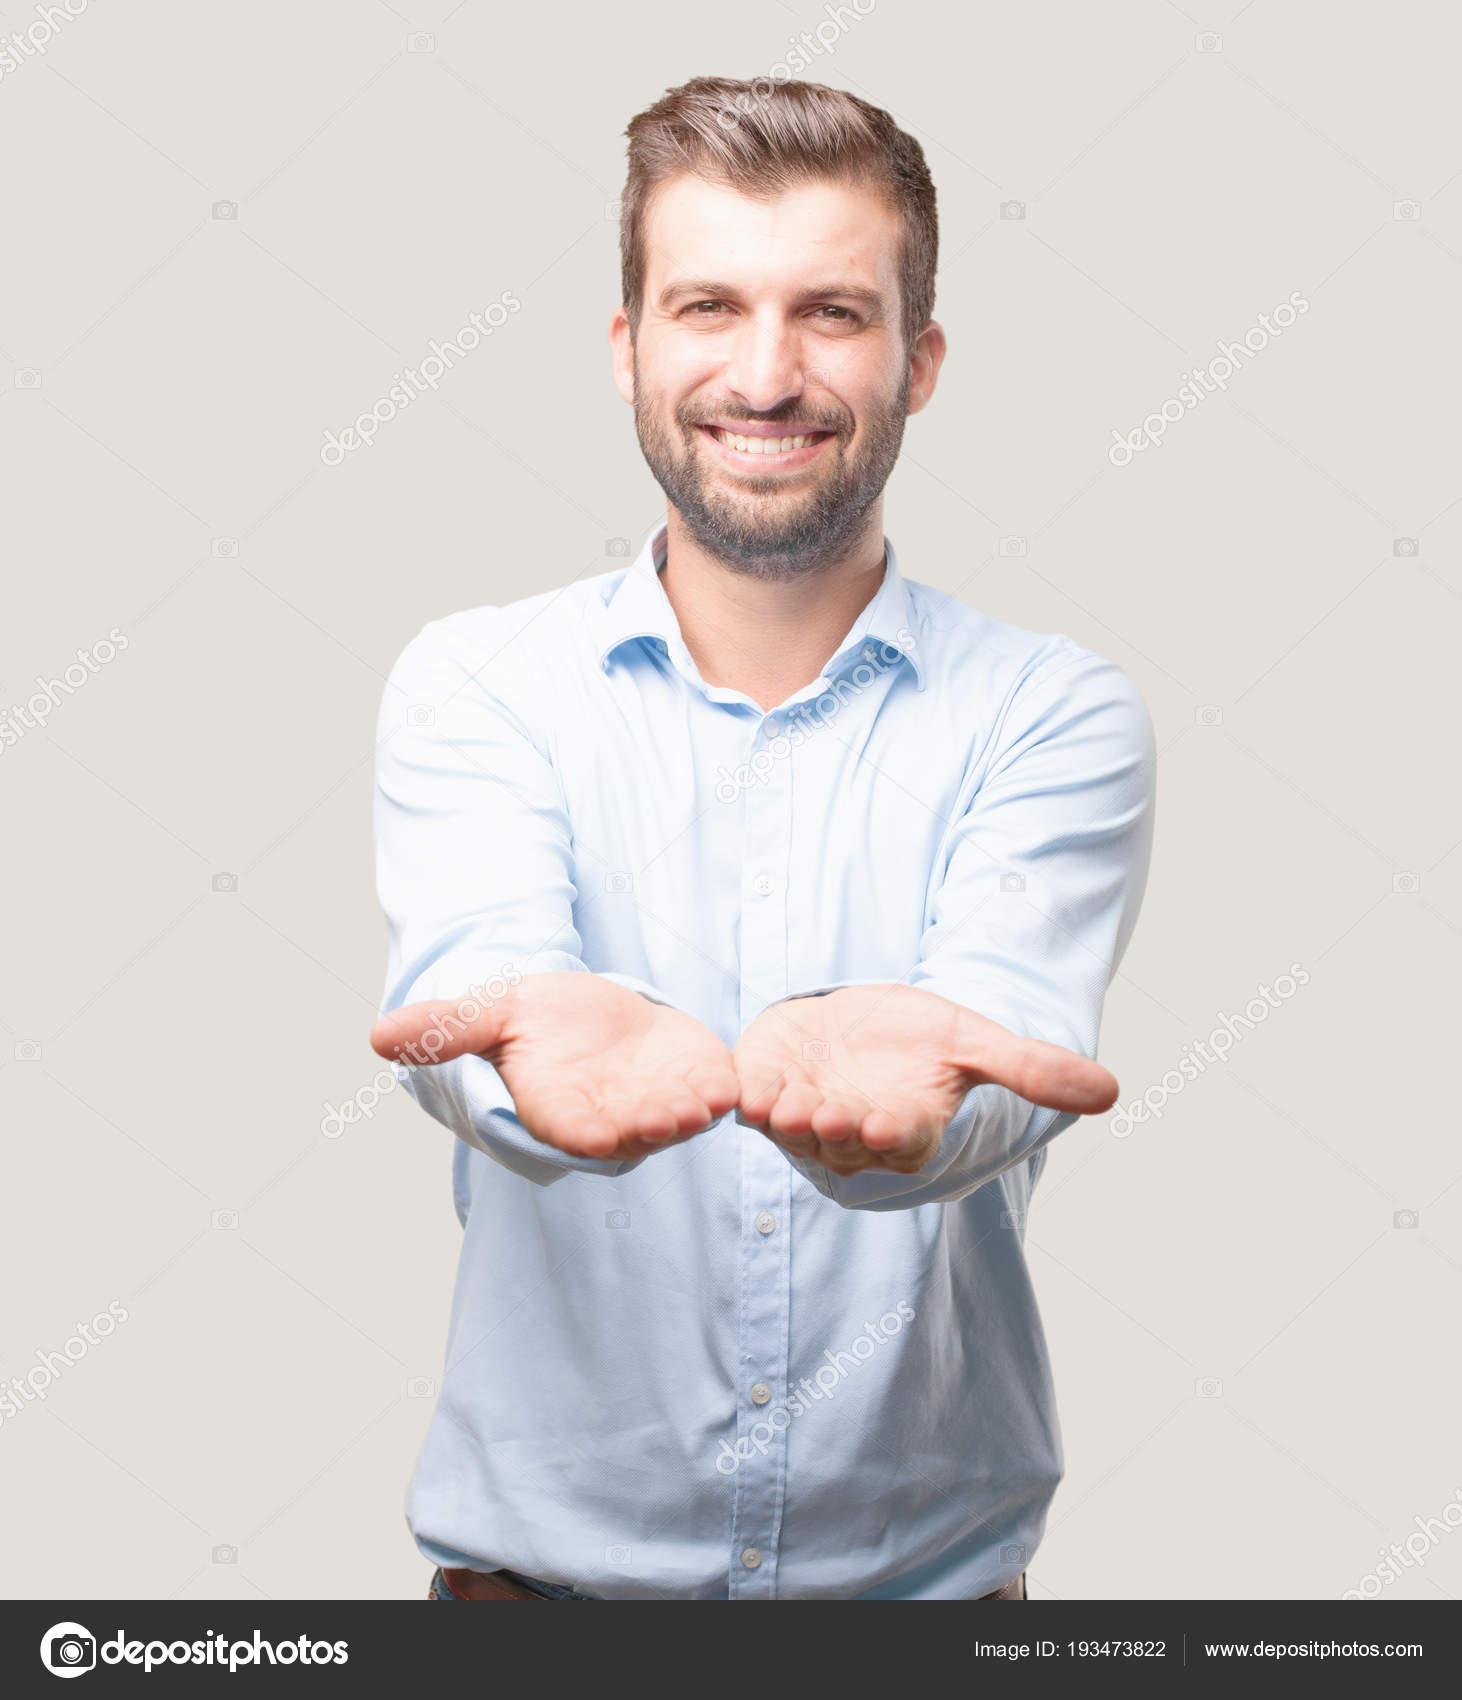 ee06dfc2f00c7 Joven Guapo Camiseta Azul Mostrando Signo Feliz Expresión Espacio Vacío —  Fotos de Stock